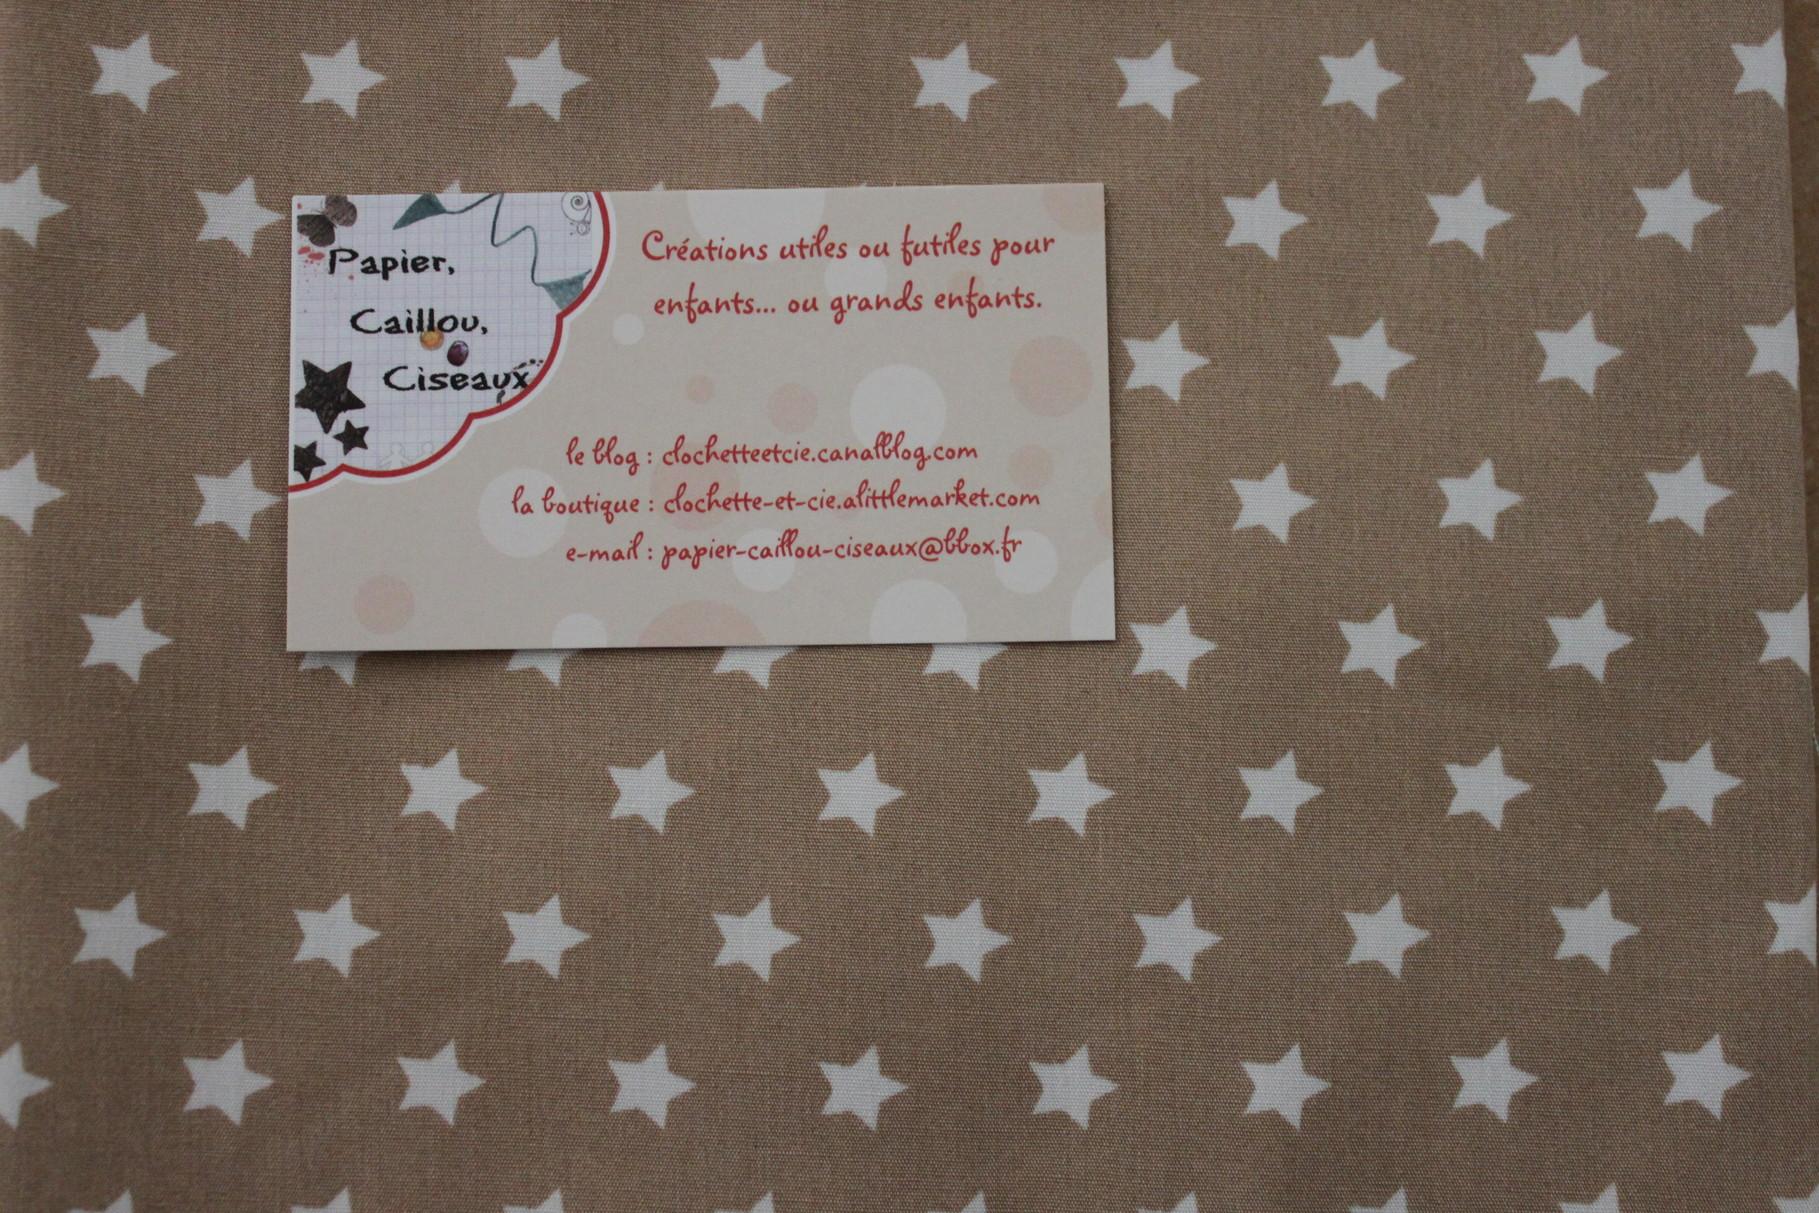 Petites étoiles (1cm) fond caramel (plus clair que la photo)